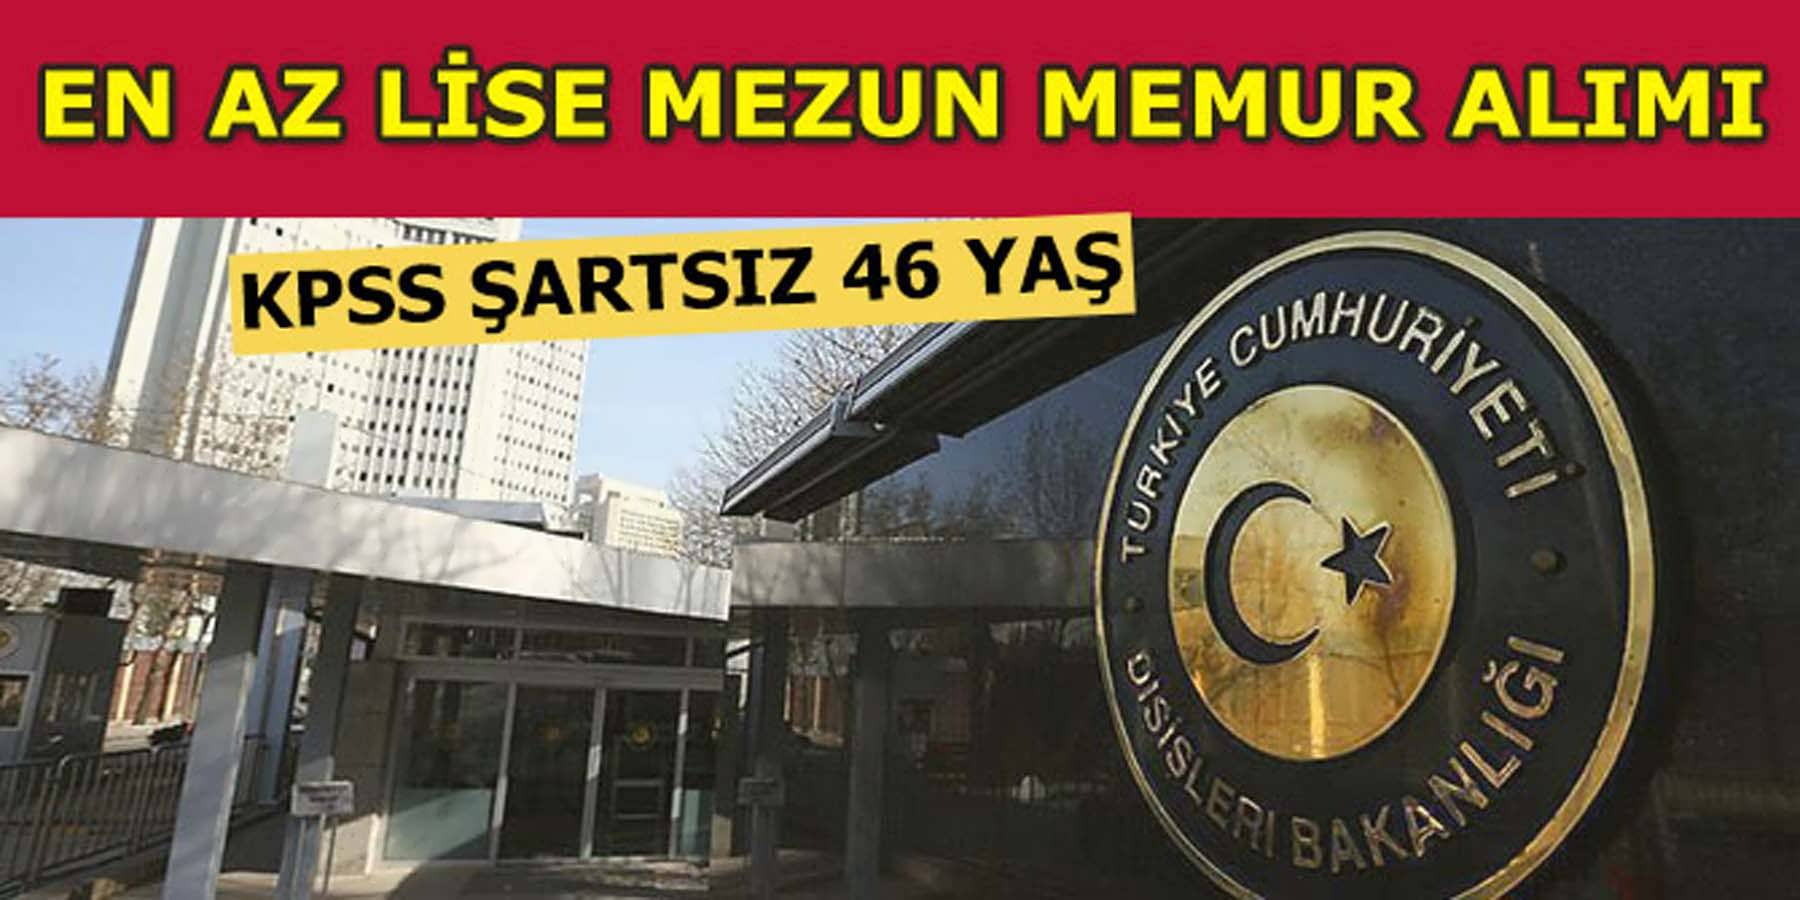 Dışişleri Bakanlığı KPSS Şartsız 3 Memur (Sekreter) Alımı